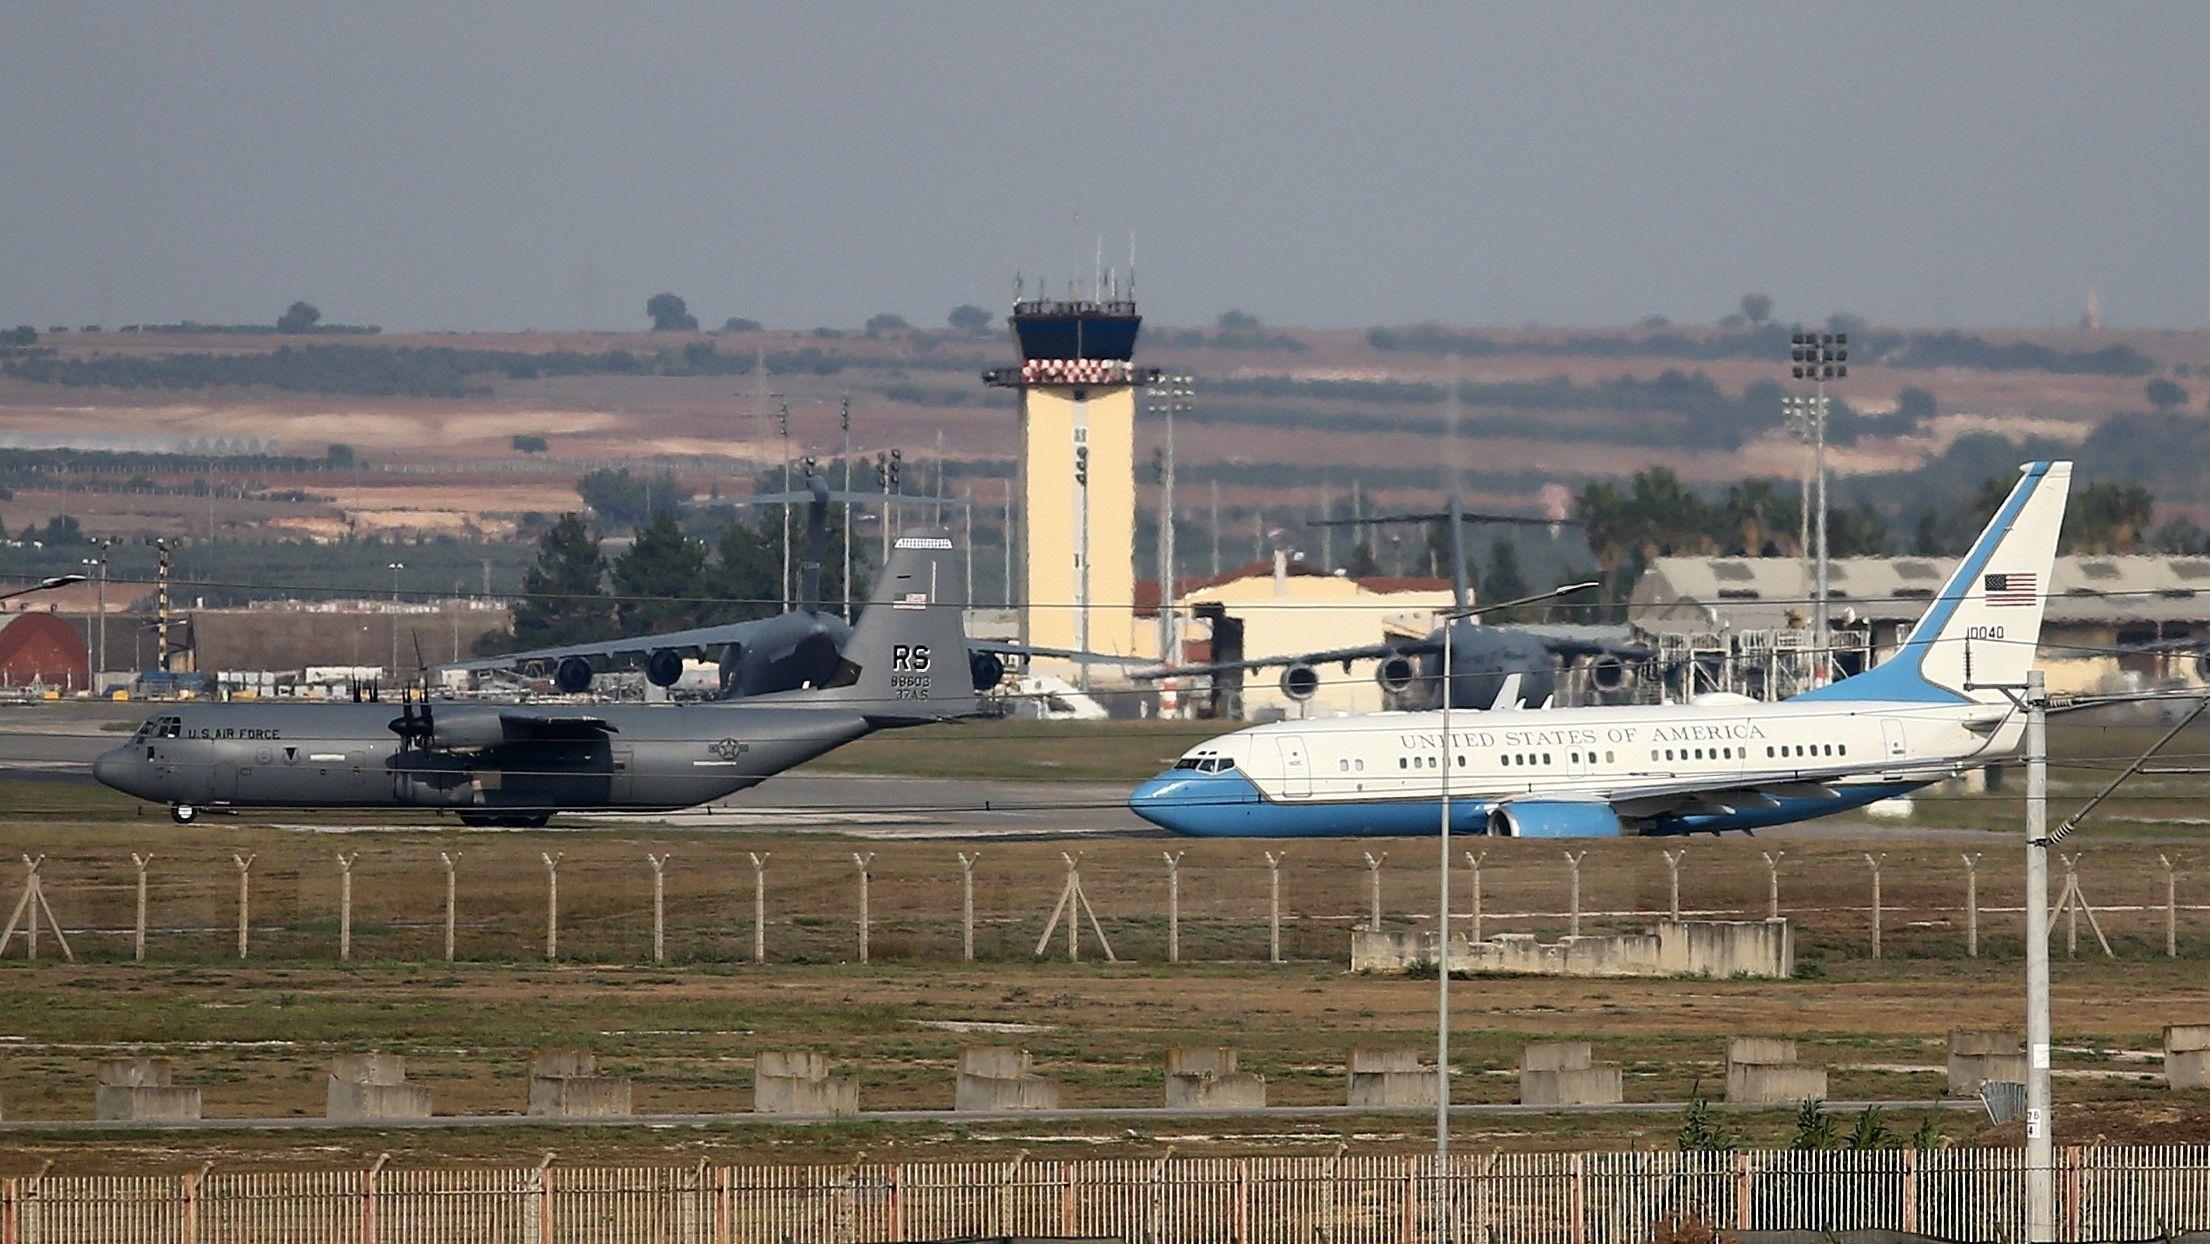 Flugzeuge auf dem türkischen Luftwaffenstützpunkt Incirlik